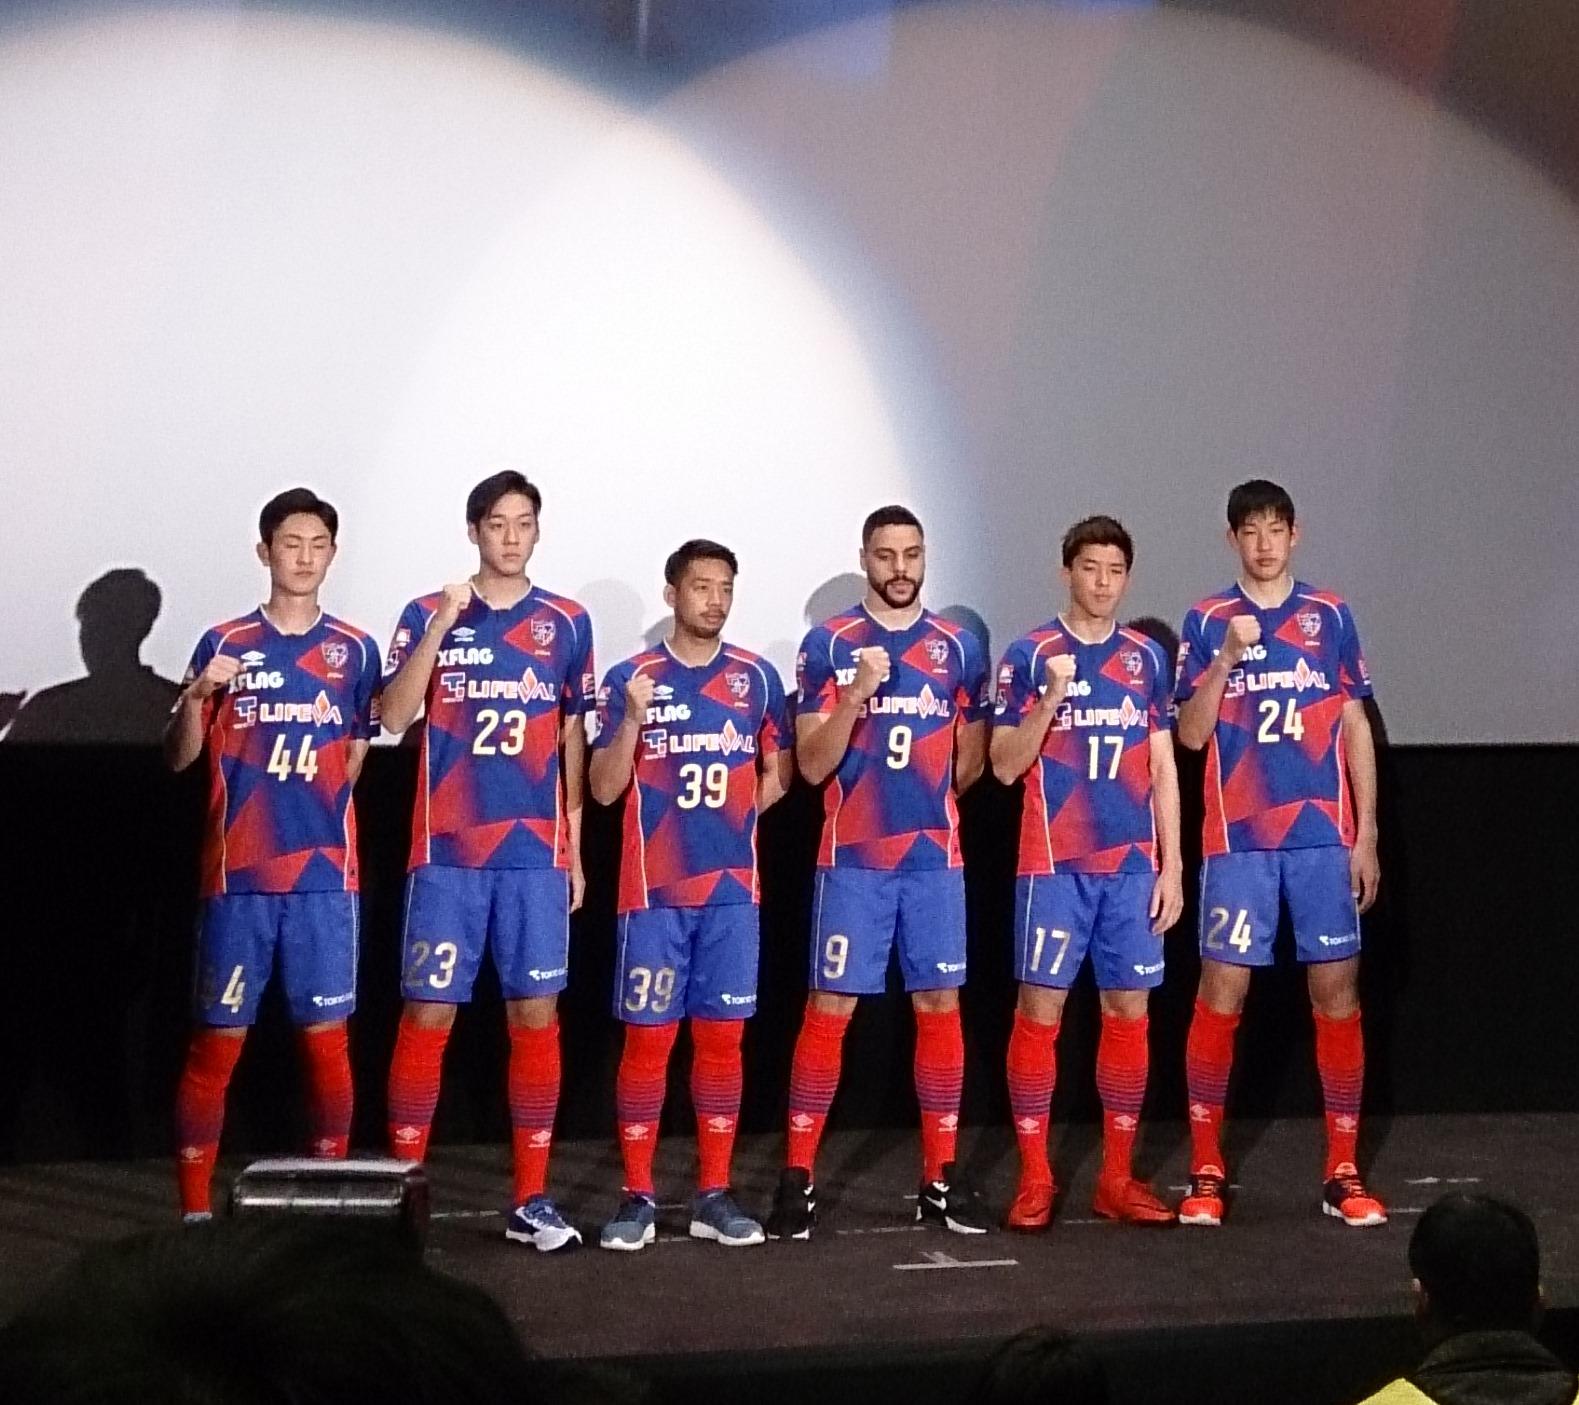 クラブ創設20周年を迎えて、長谷川健太新監督のもとタイトル獲得を目指す